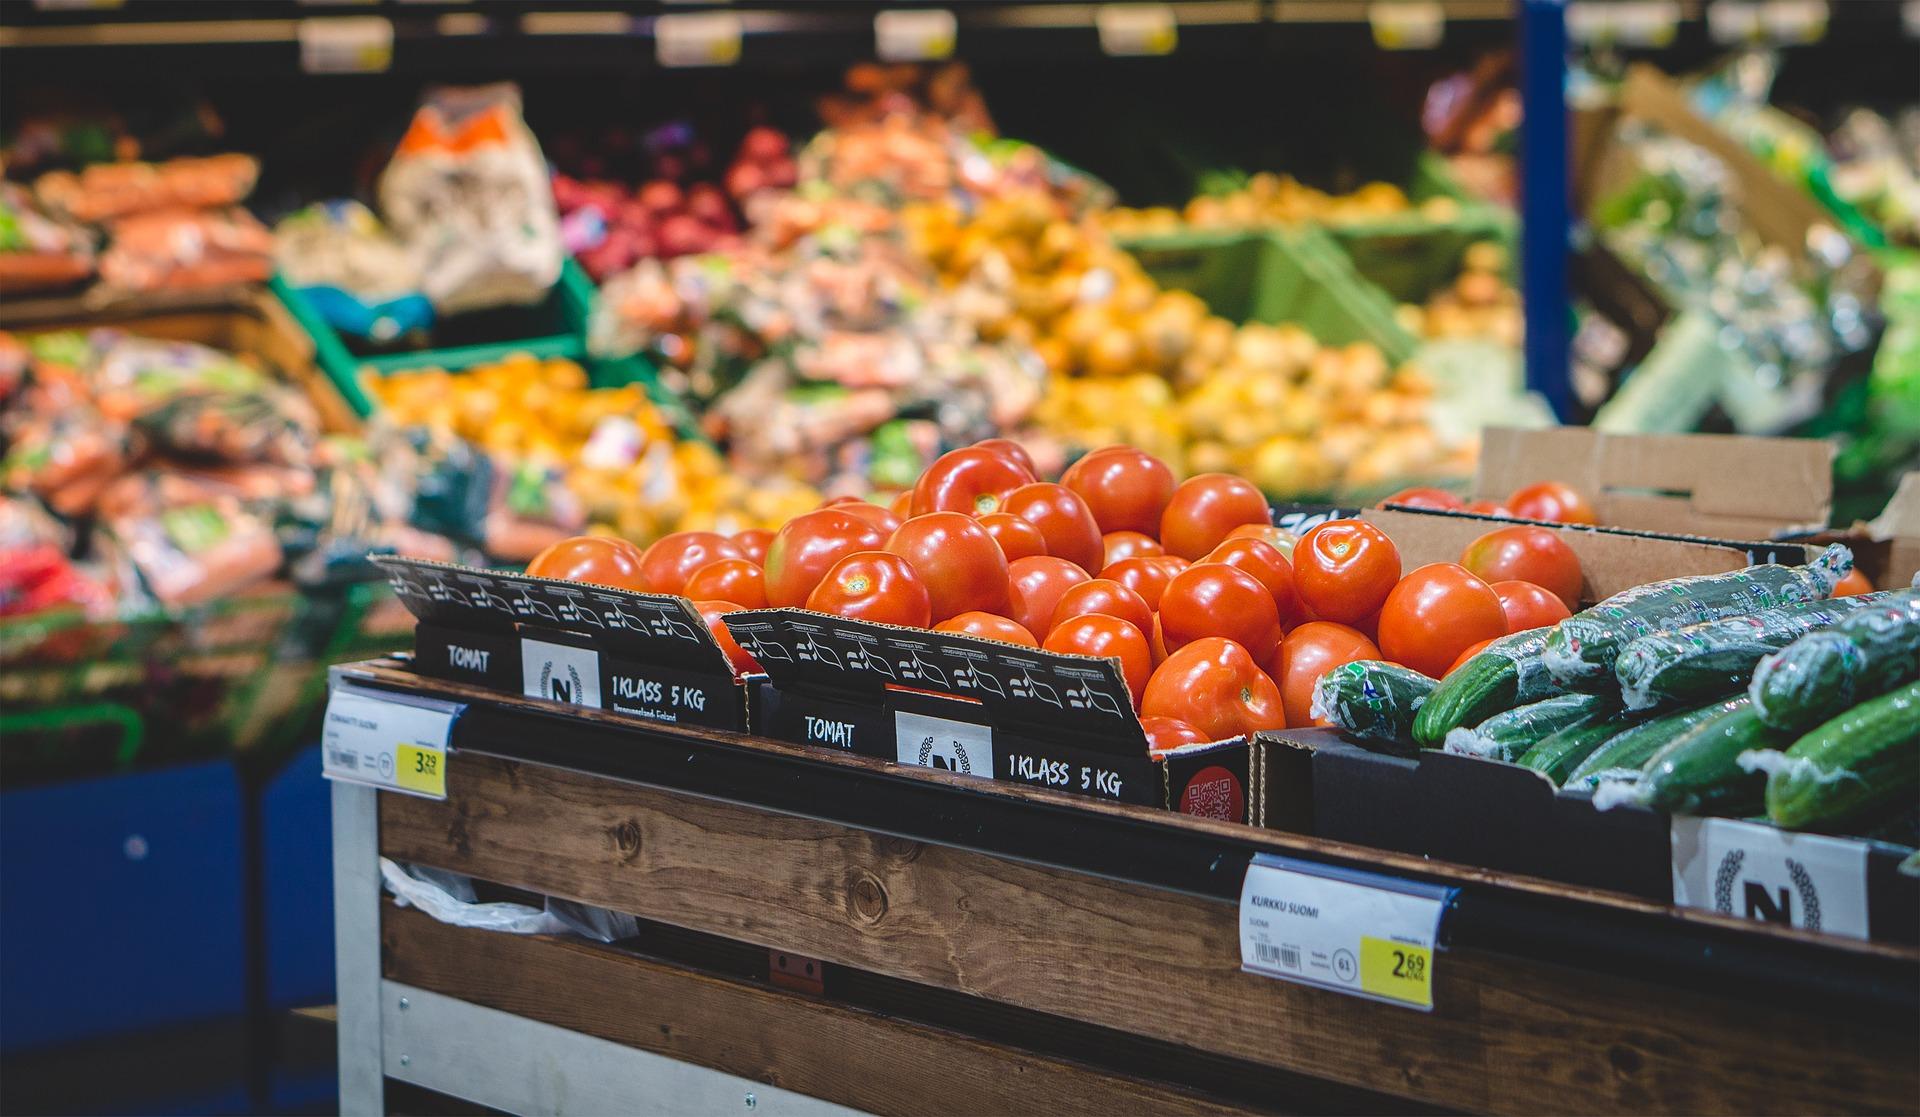 Approvata la direttiva UE sulle pratiche sleali nel settore agroalimentare. Il contributo dell'Alleanza delle Cooperative